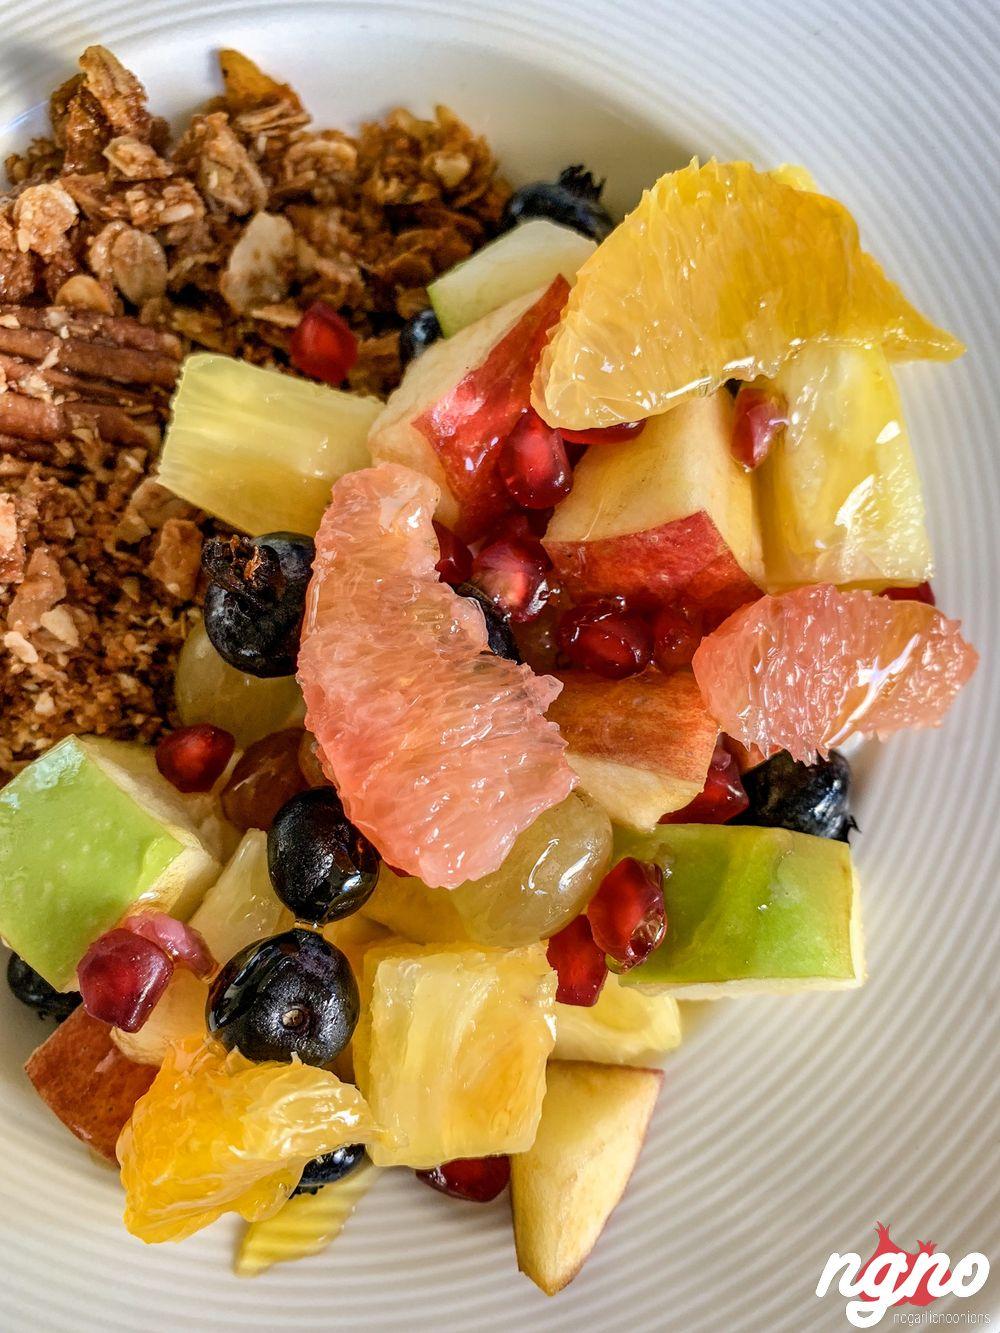 baker-spice-restaurant-dubai-food-nogarlicnoonions-452018-11-24-07-05-53